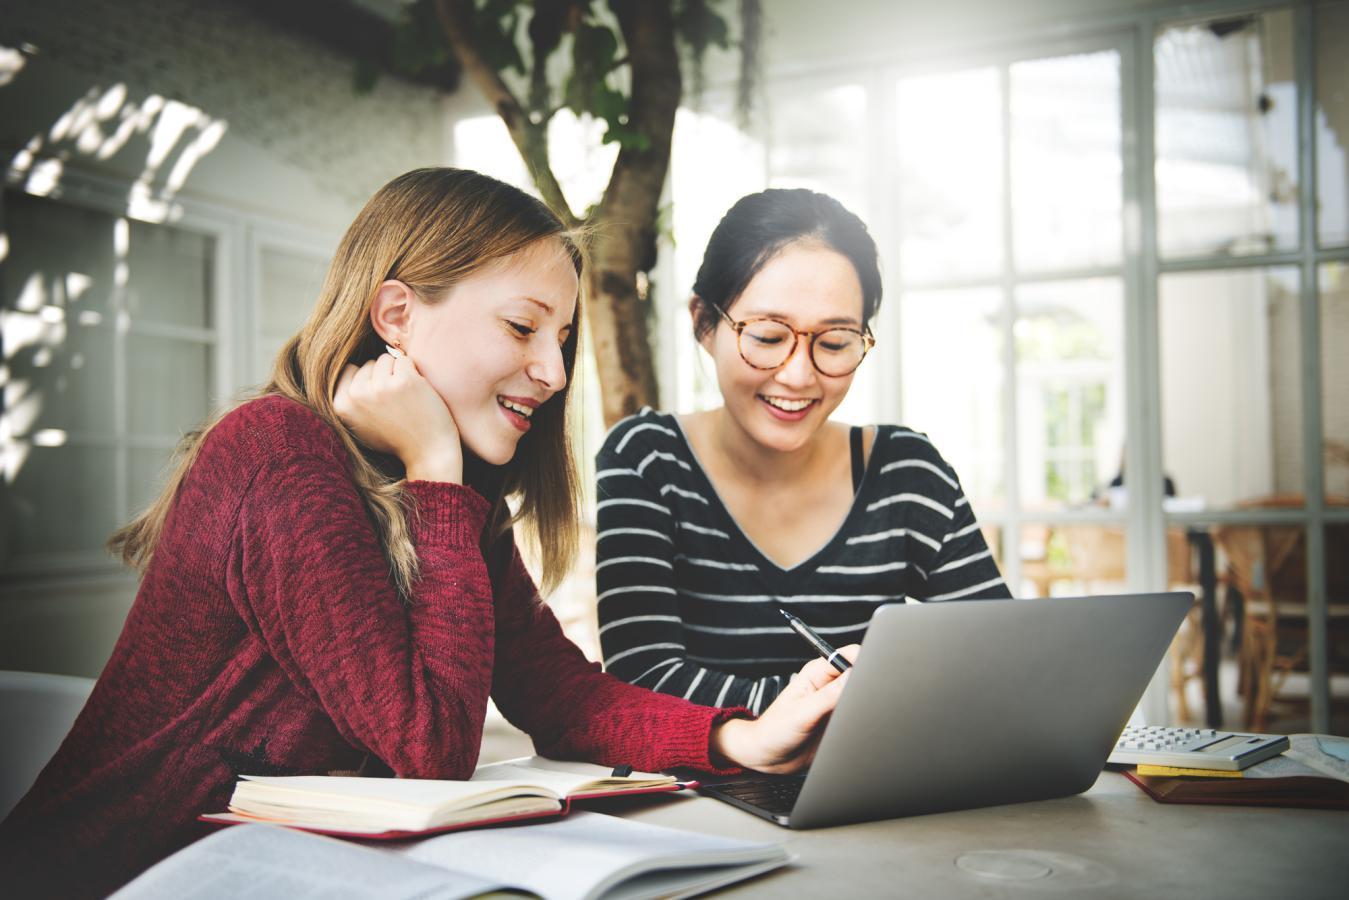 人気のシェアリングエコノミーの影にはつねに女性あり 注目サービス20選で見えてくる傾向と対策